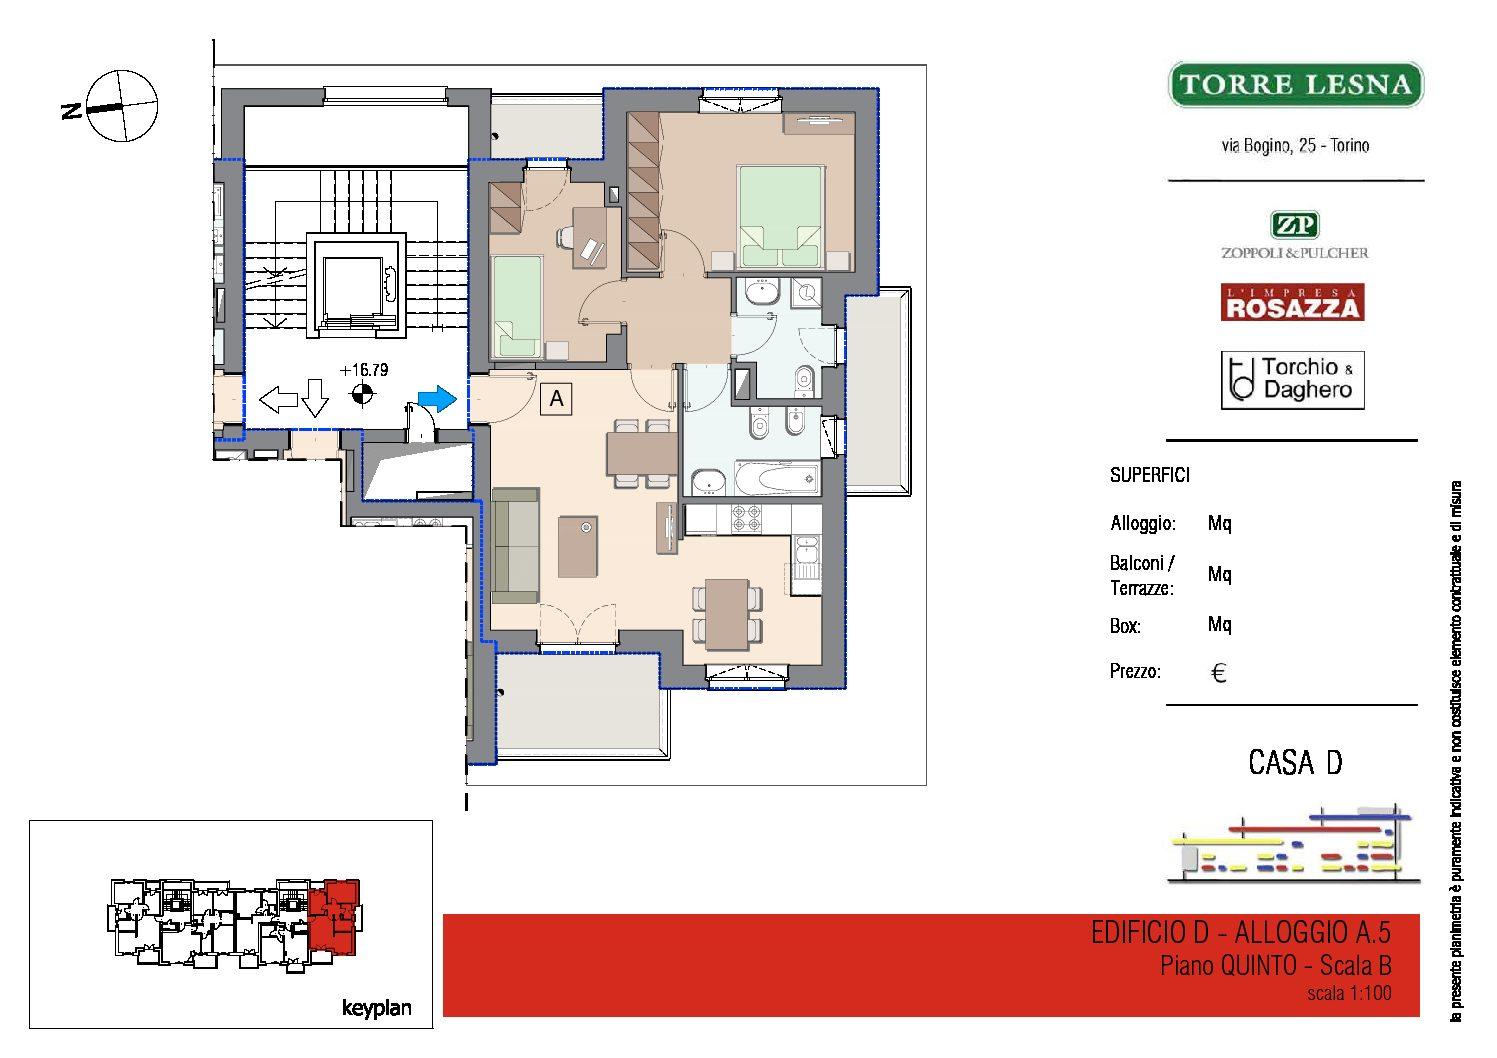 edificio-d-alloggio-a.5-rev